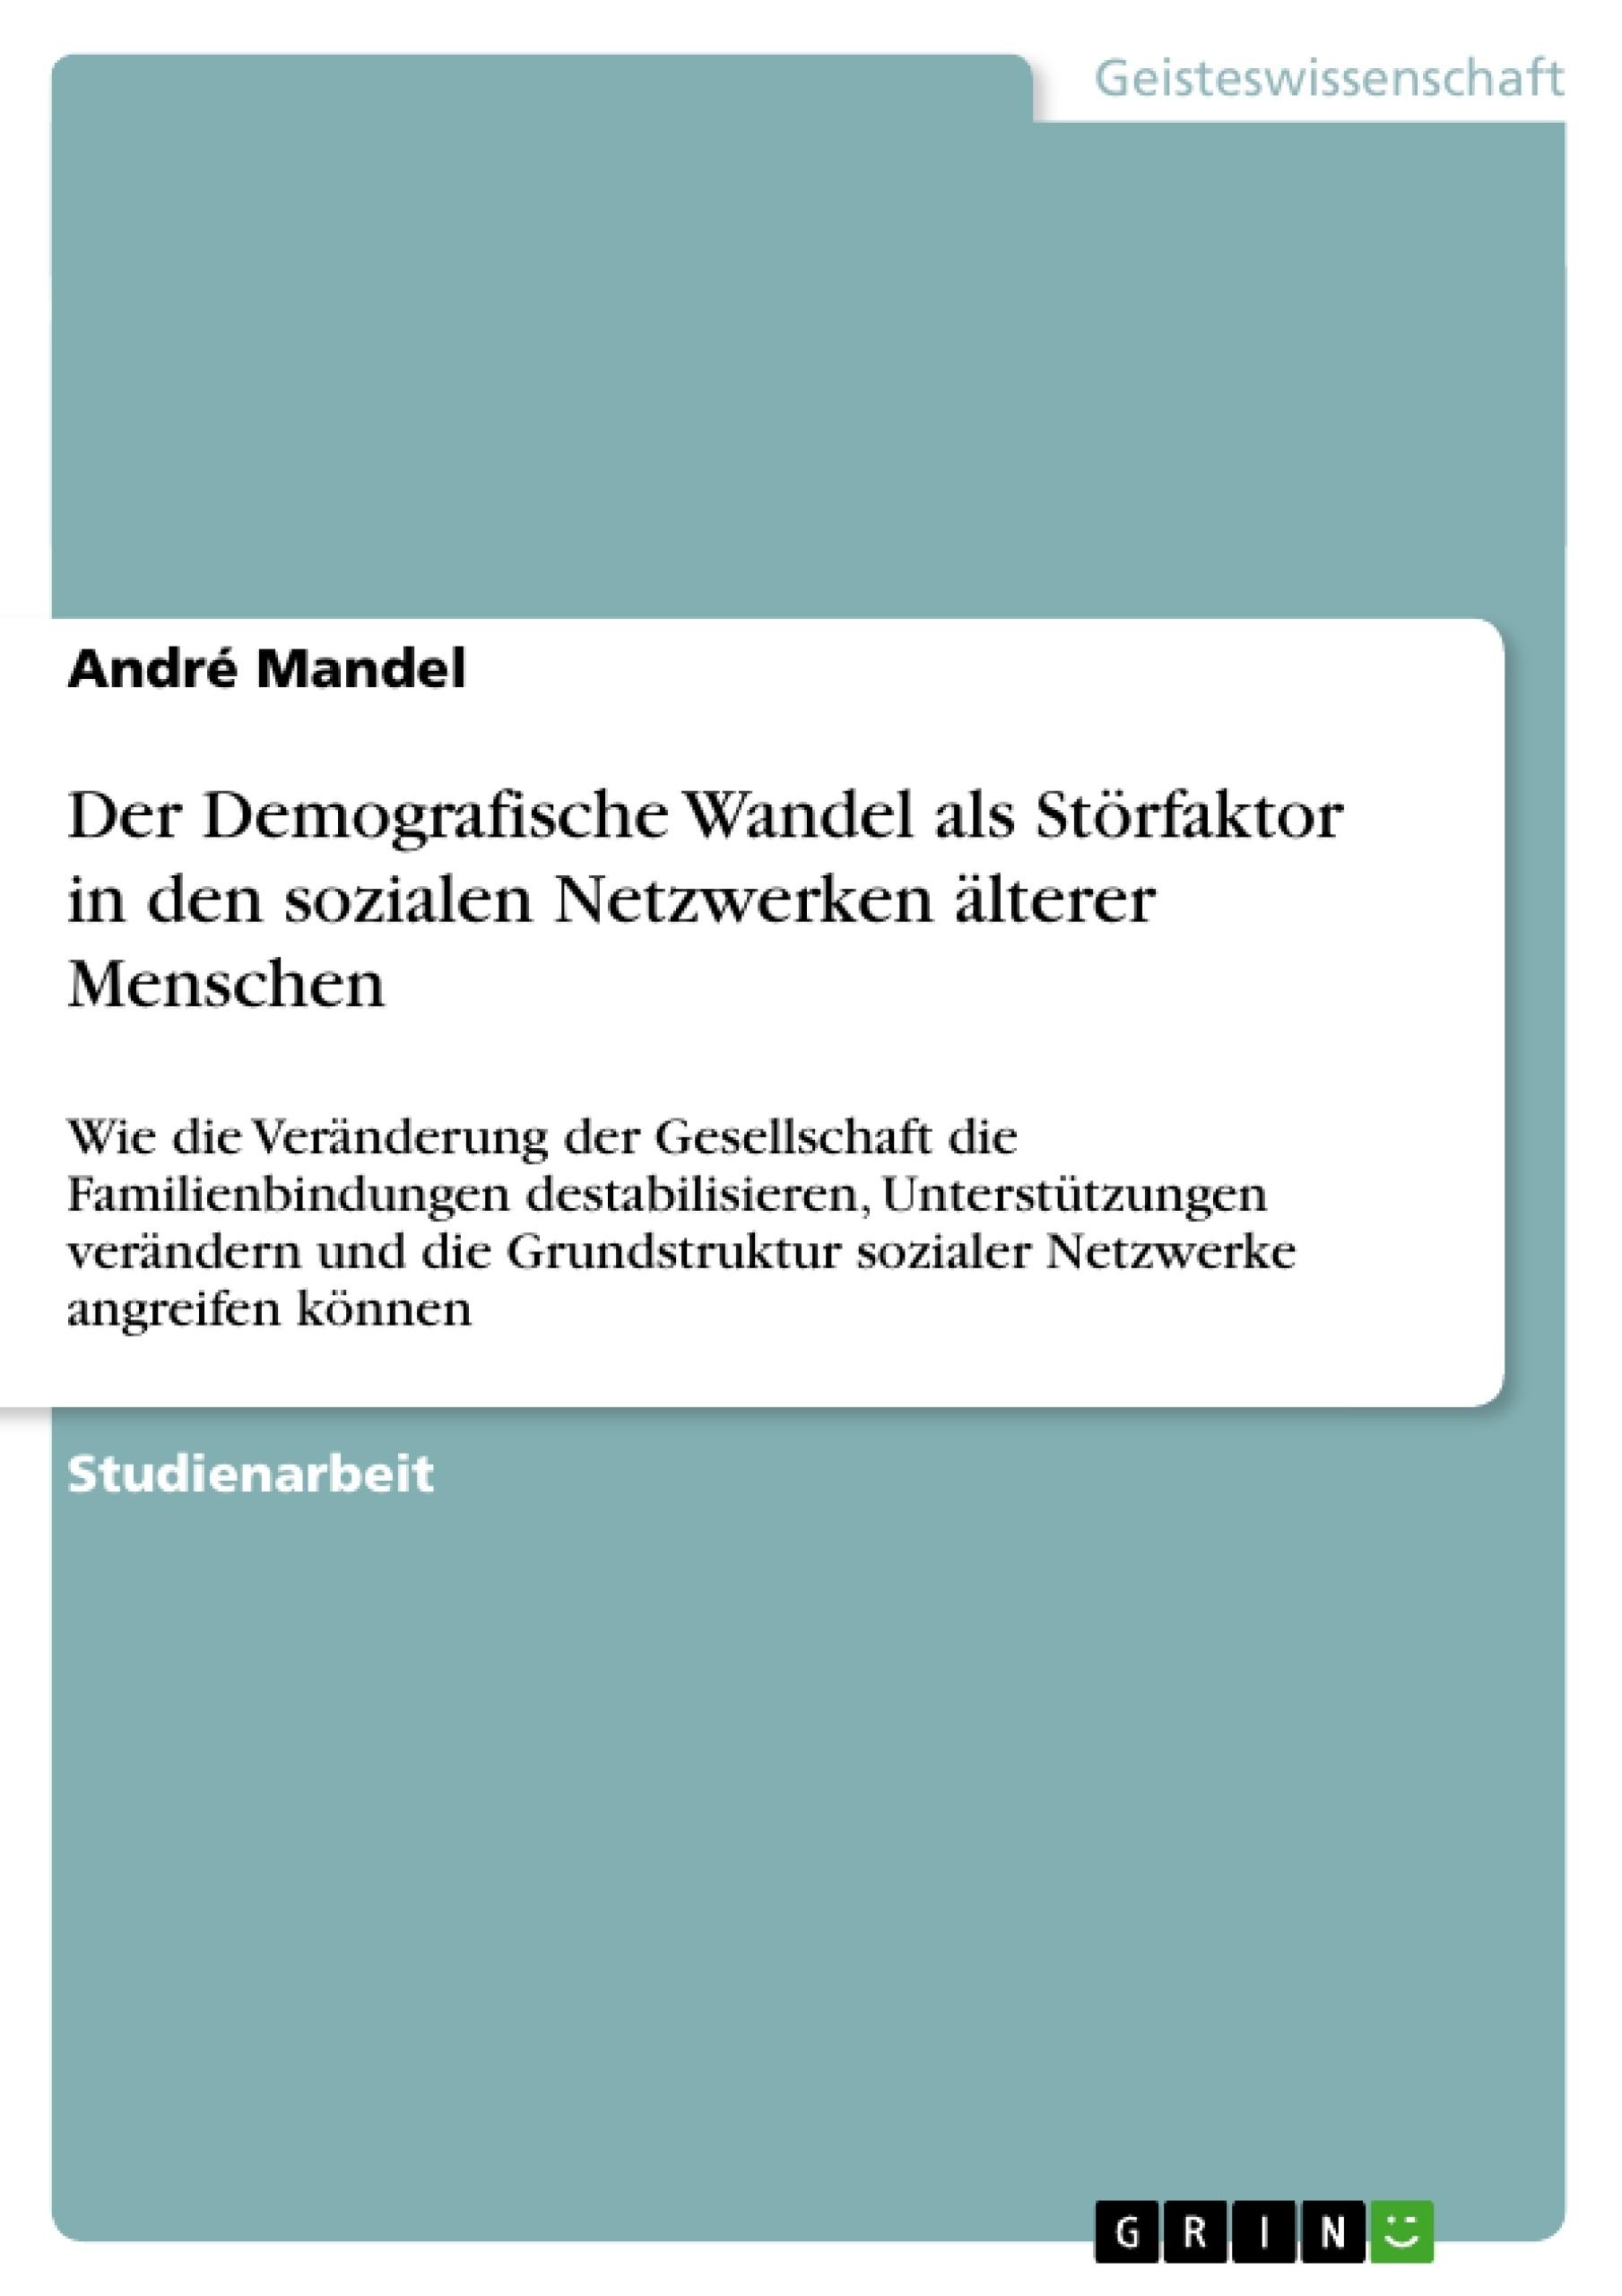 Titel: Der Demografische Wandel als Störfaktor in den sozialen Netzwerken älterer Menschen